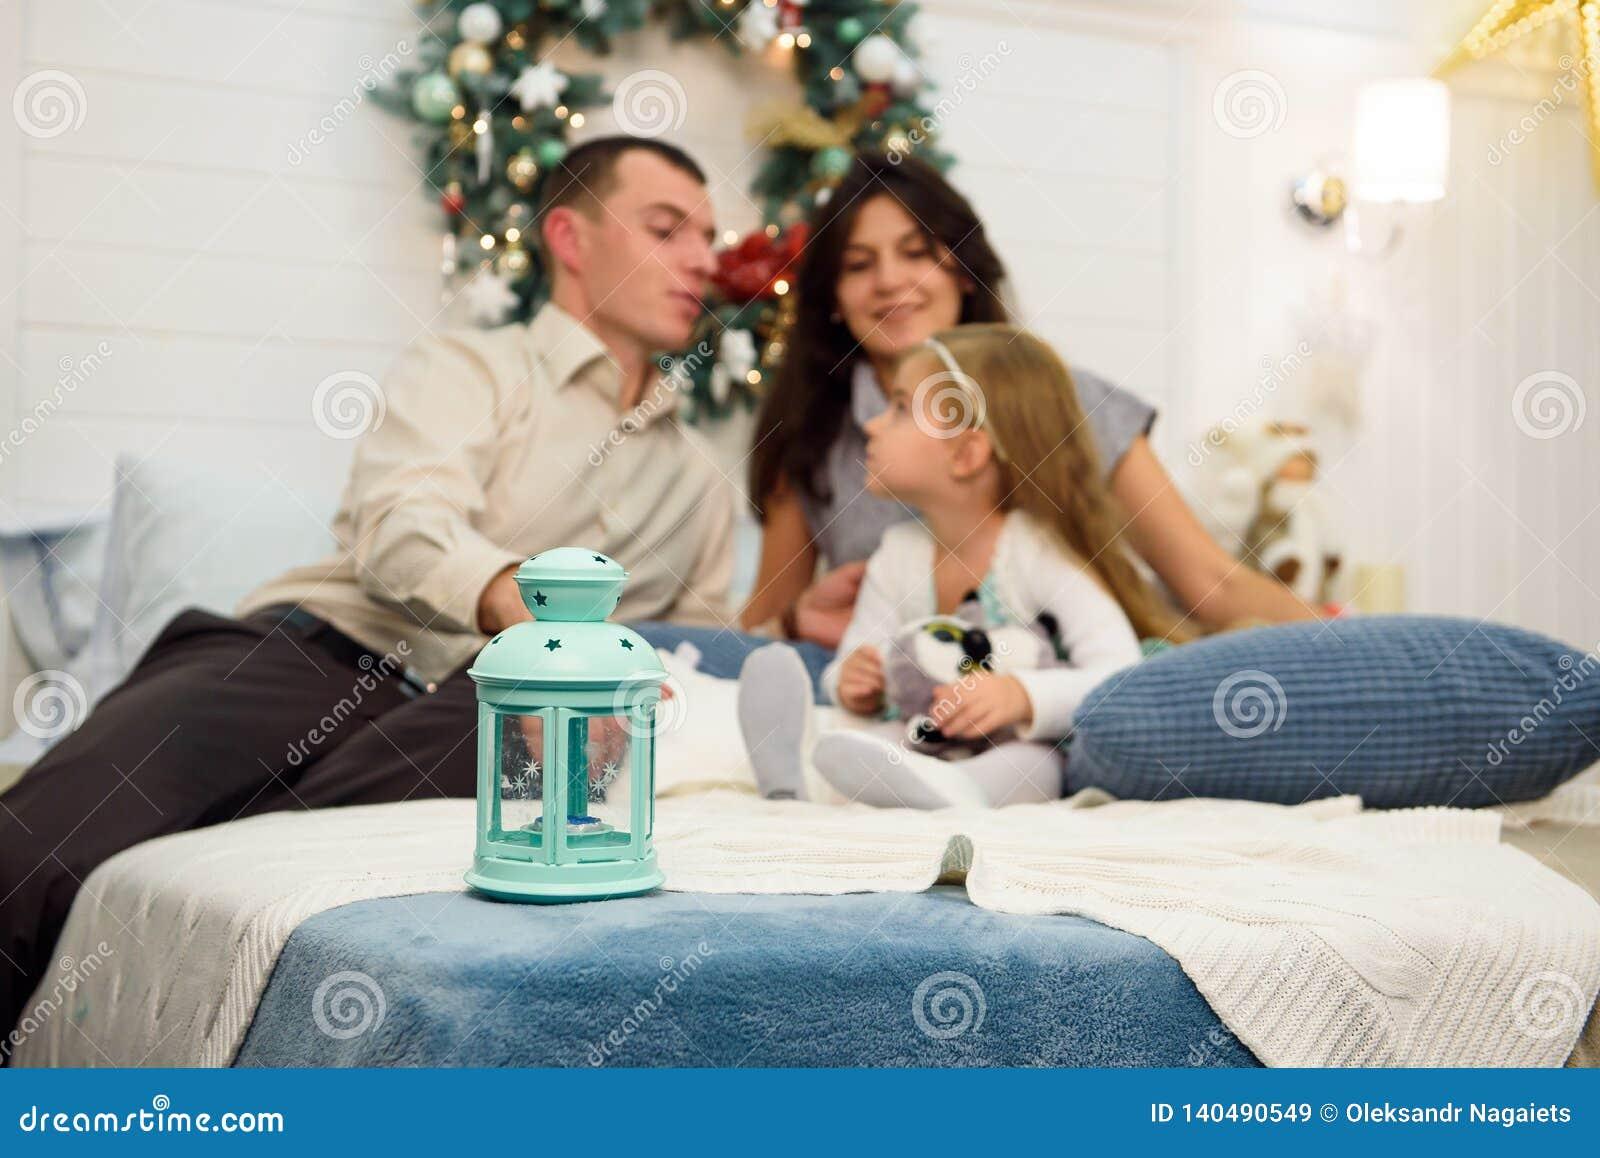 Retrato feliz da família no Natal, na mãe, no pai e na criança sentando-se na cama em casa, decoração dos chritmas em torno deles